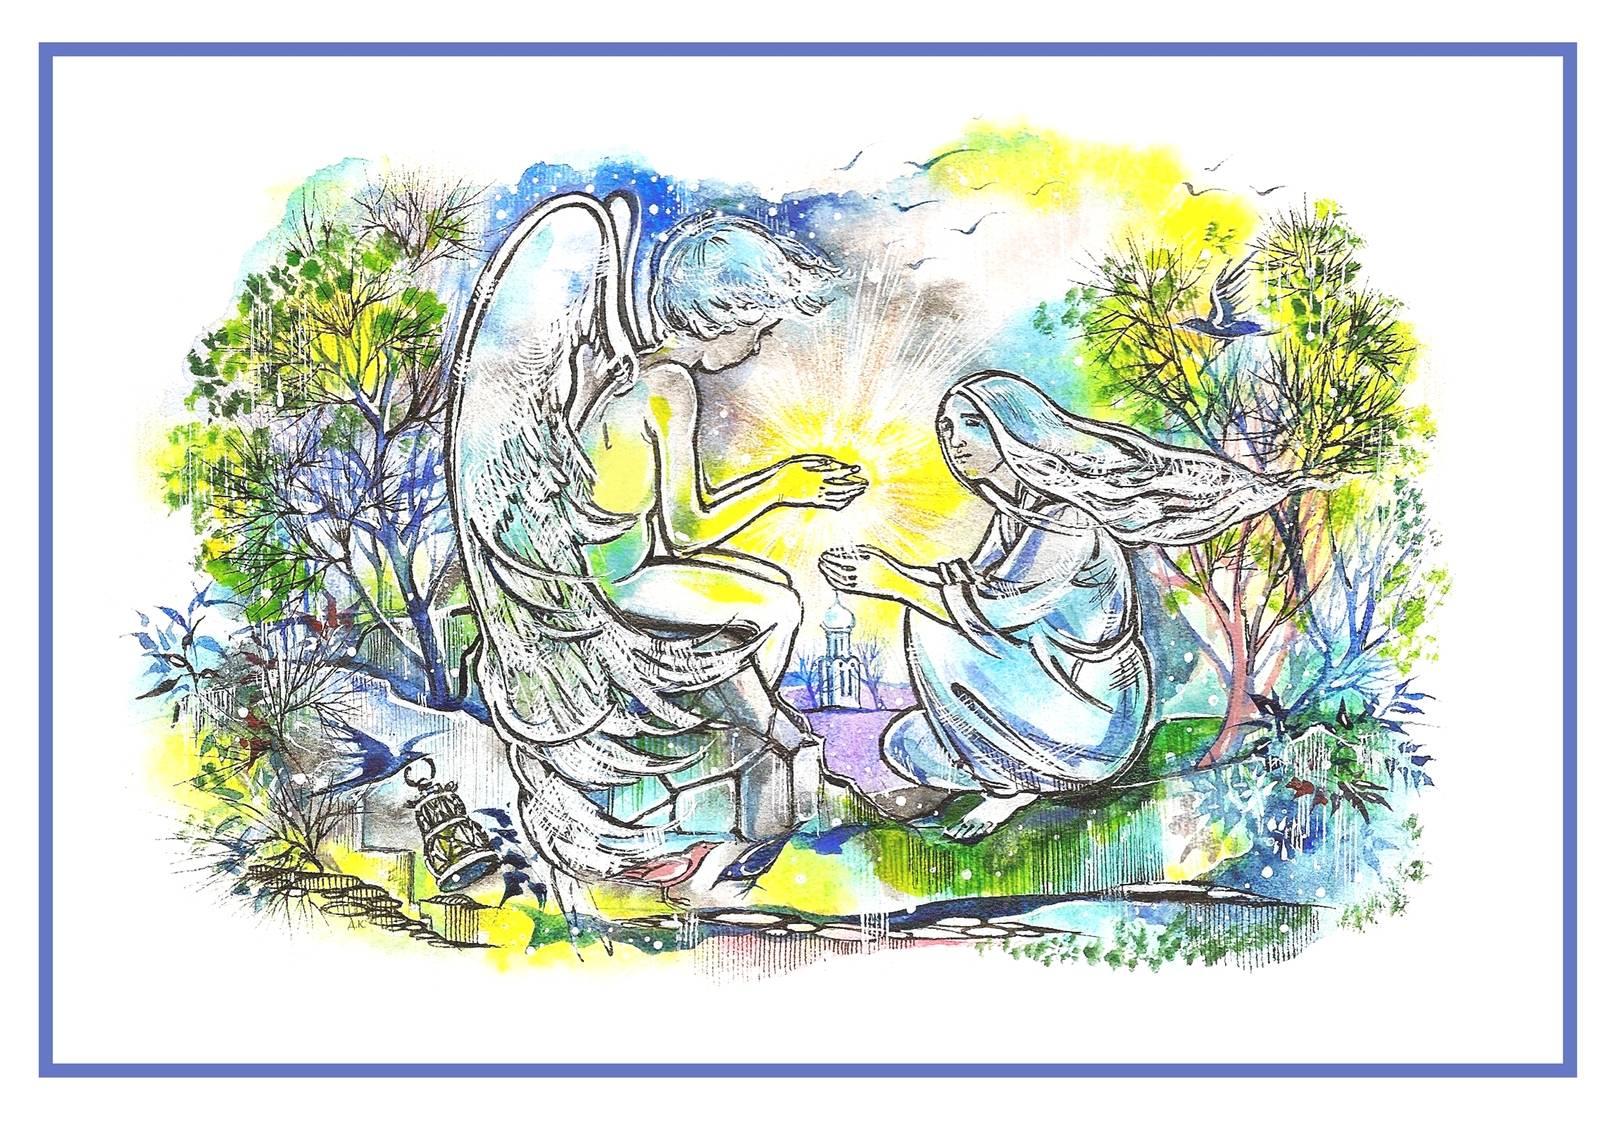 Ангел добра. Иллюстрация к стихотворению С.Мирзаева